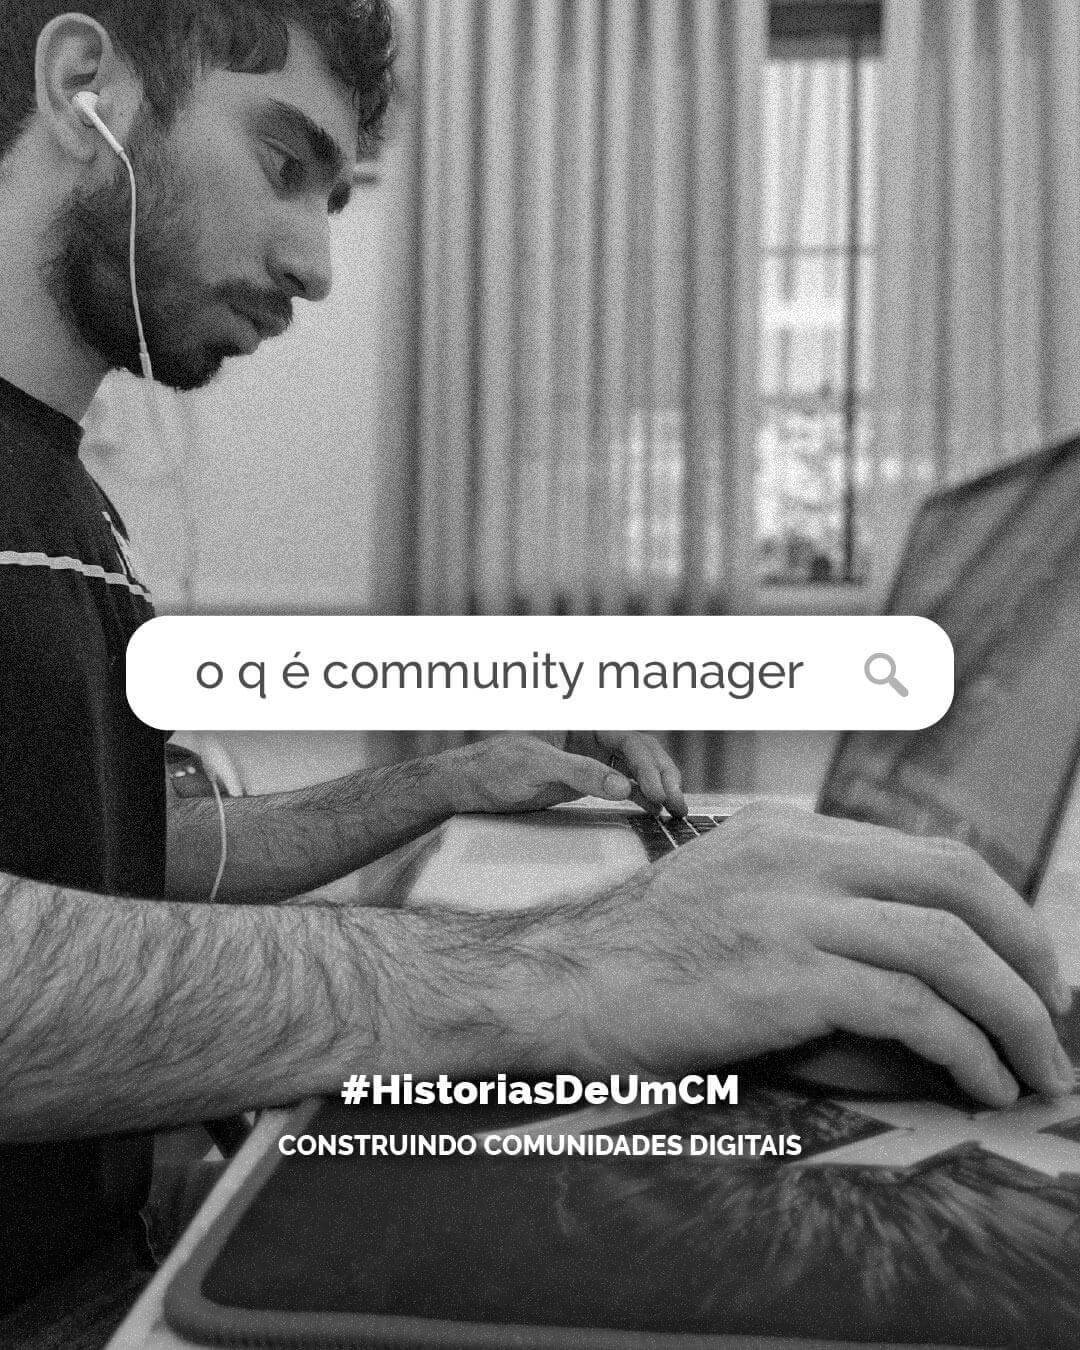 Pesquisando sobre o que é Community Manager